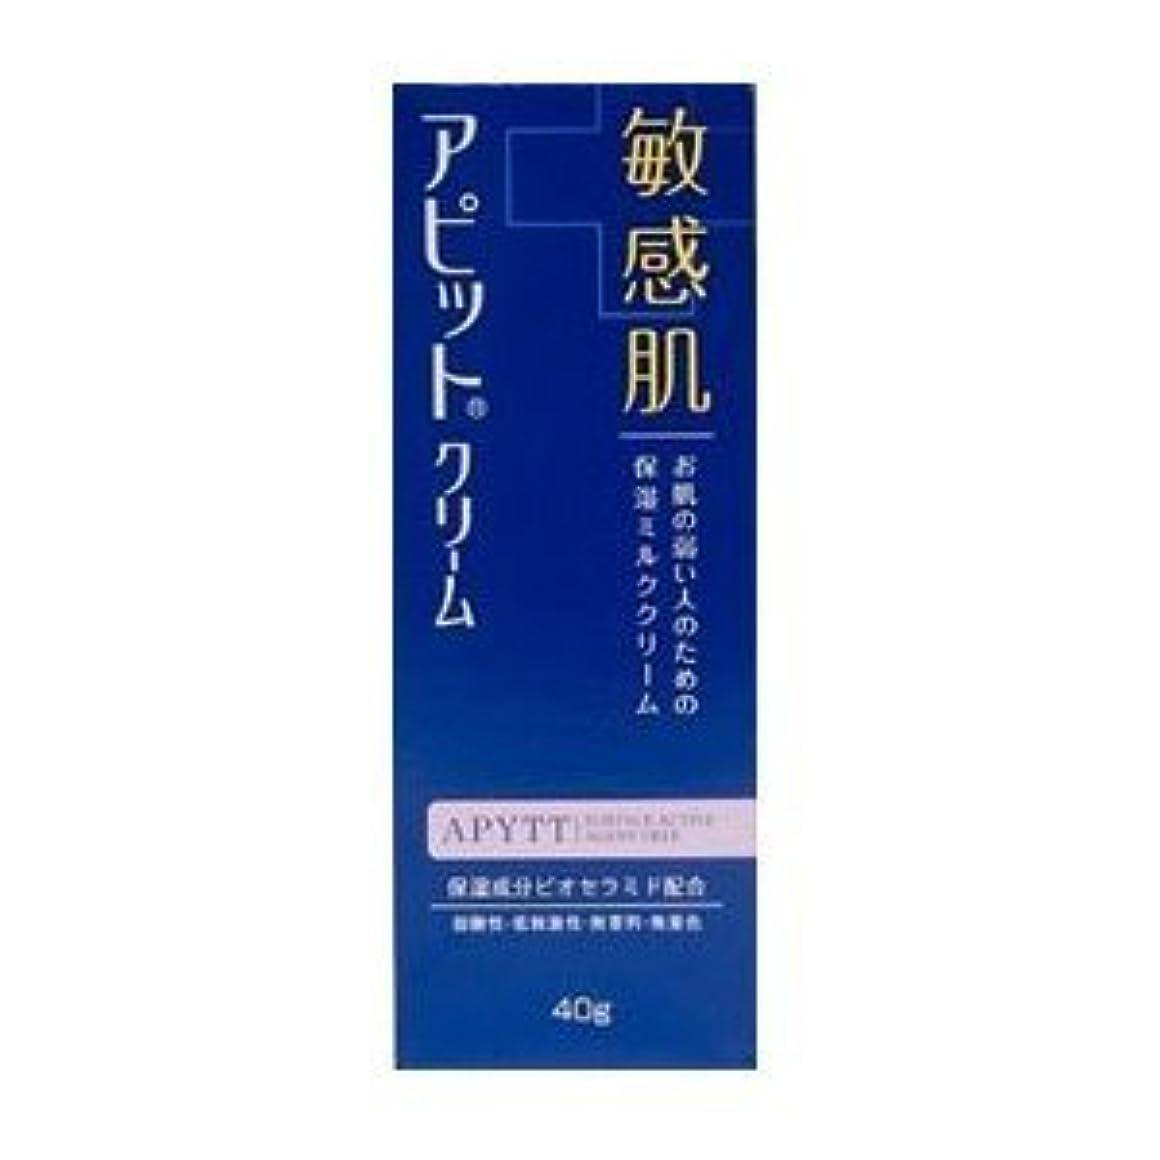 に勝るスプーンレトルト全薬工業 アピットクリーム 40g×3個セット (医薬部外品)